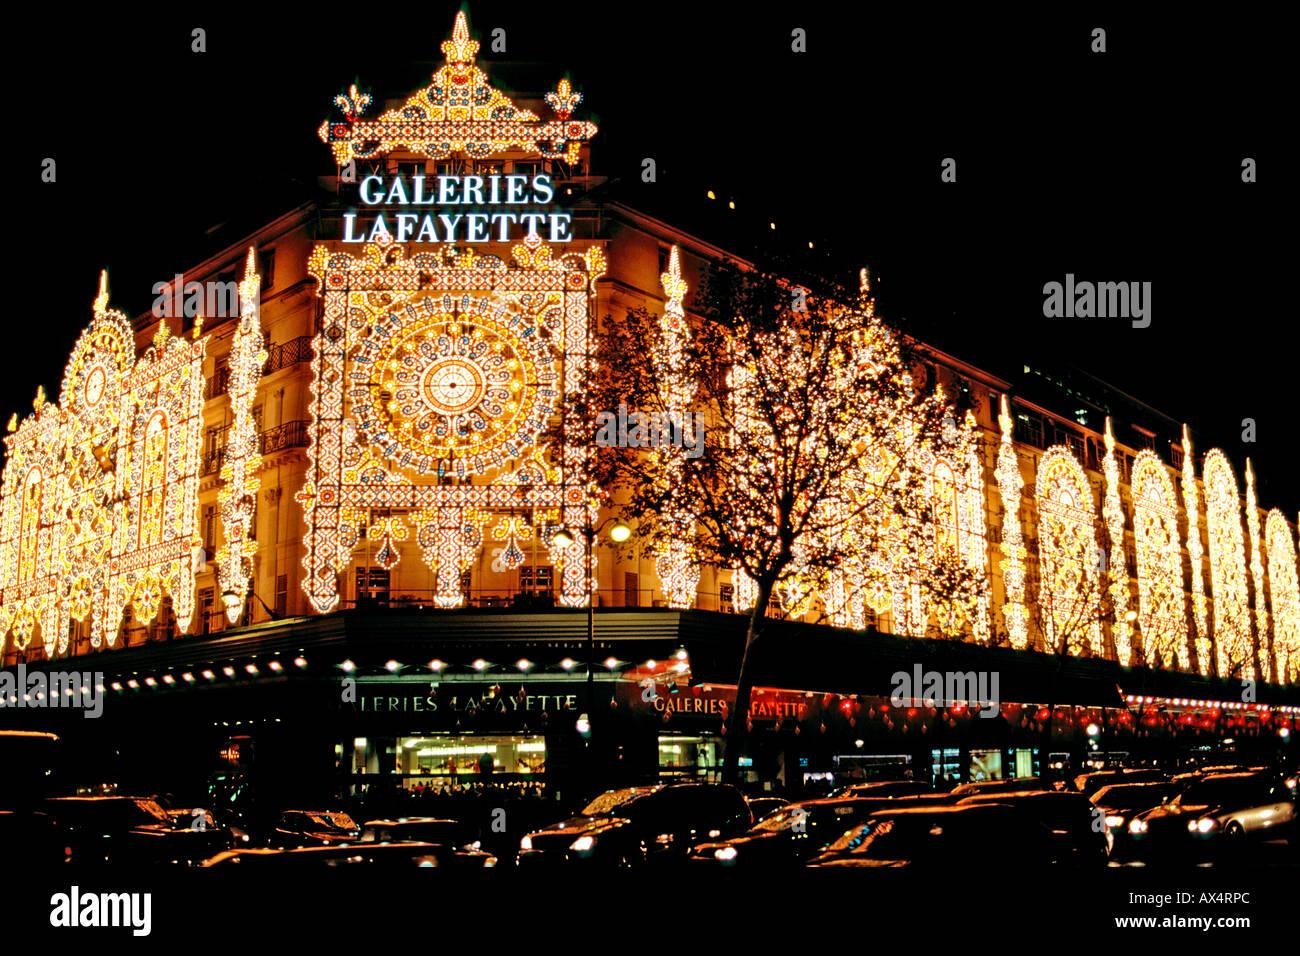 Galeries la fayette stockfotos galeries la fayette for Interieur aussprache